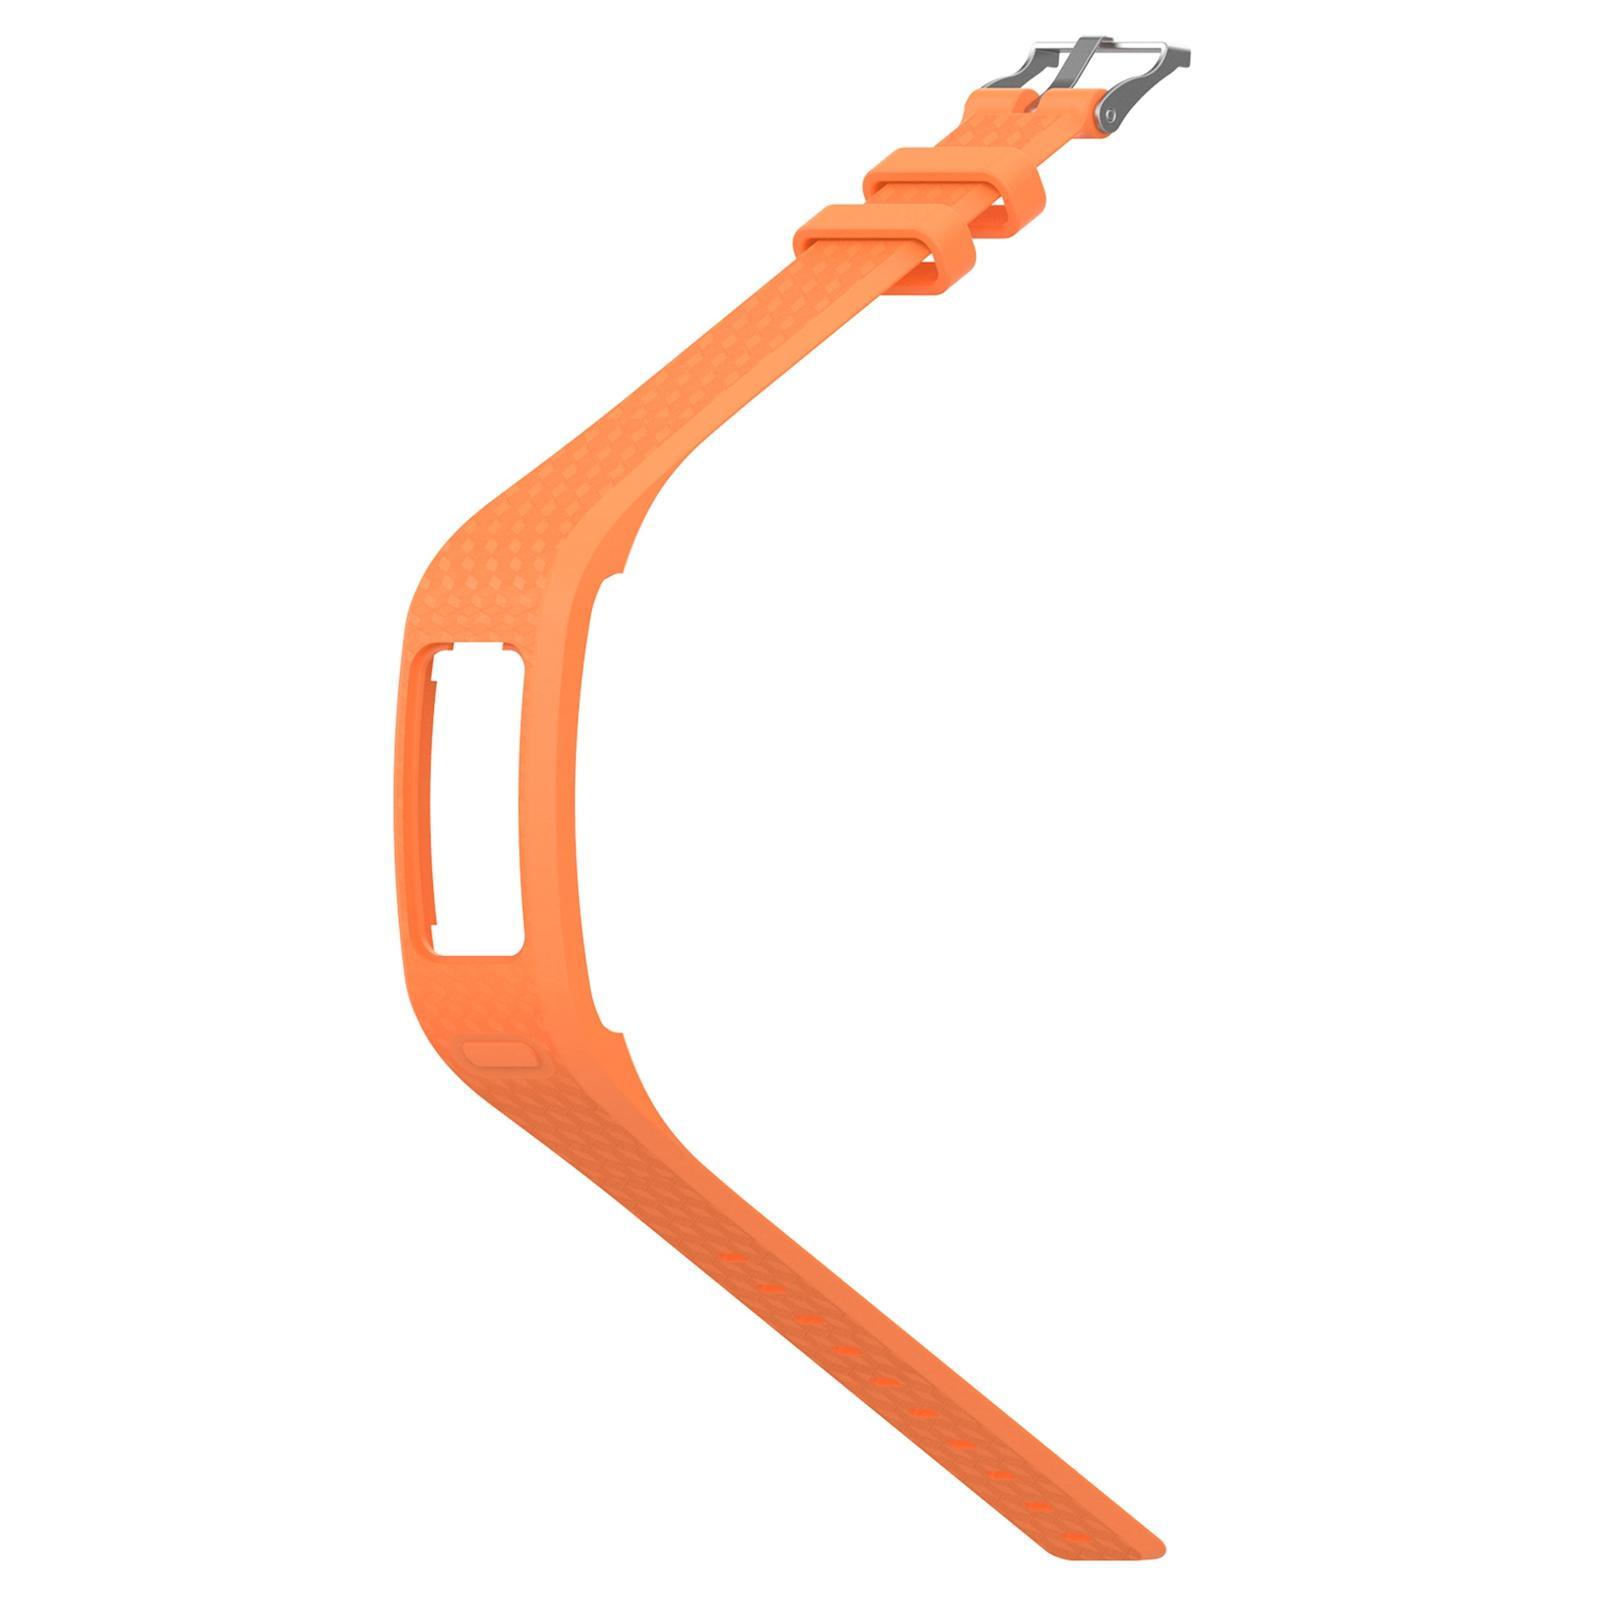 Fitur Pengganti Tali Jam Tangan Silikon Gelang Untuk Garmin Forerunner 35 Putih Detail Gambar Vivofit 2 1 Pelacak Aktivitas Kebugaran Terkini